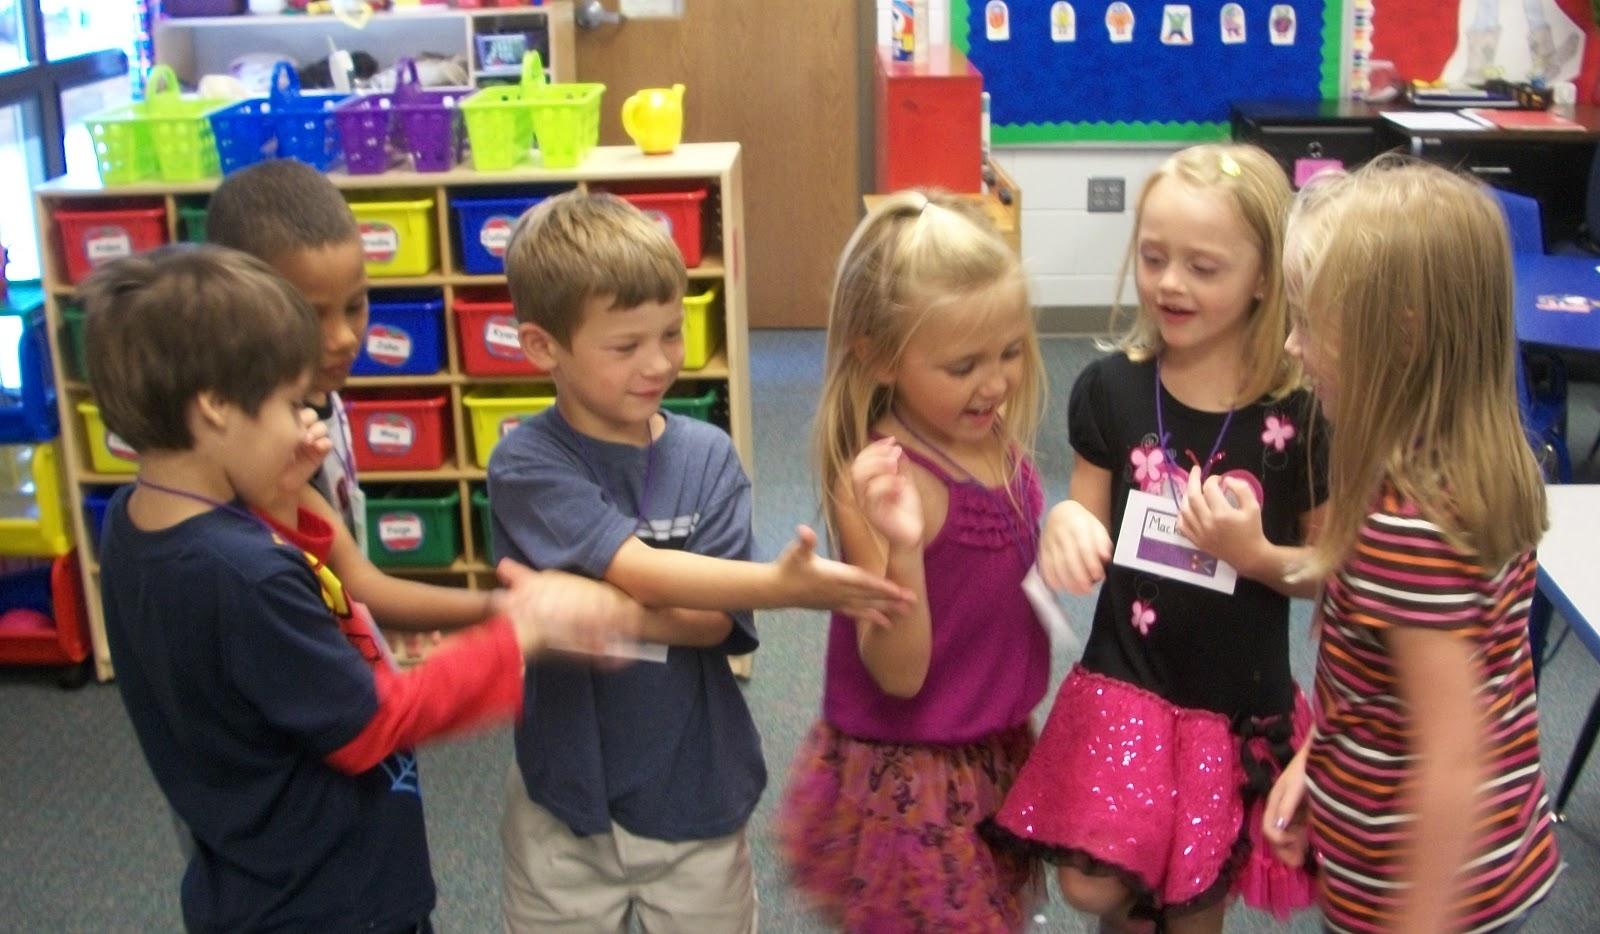 Kinder Garden: Mrs. Friederich's Kindergarten: First Day Of Kindergarten